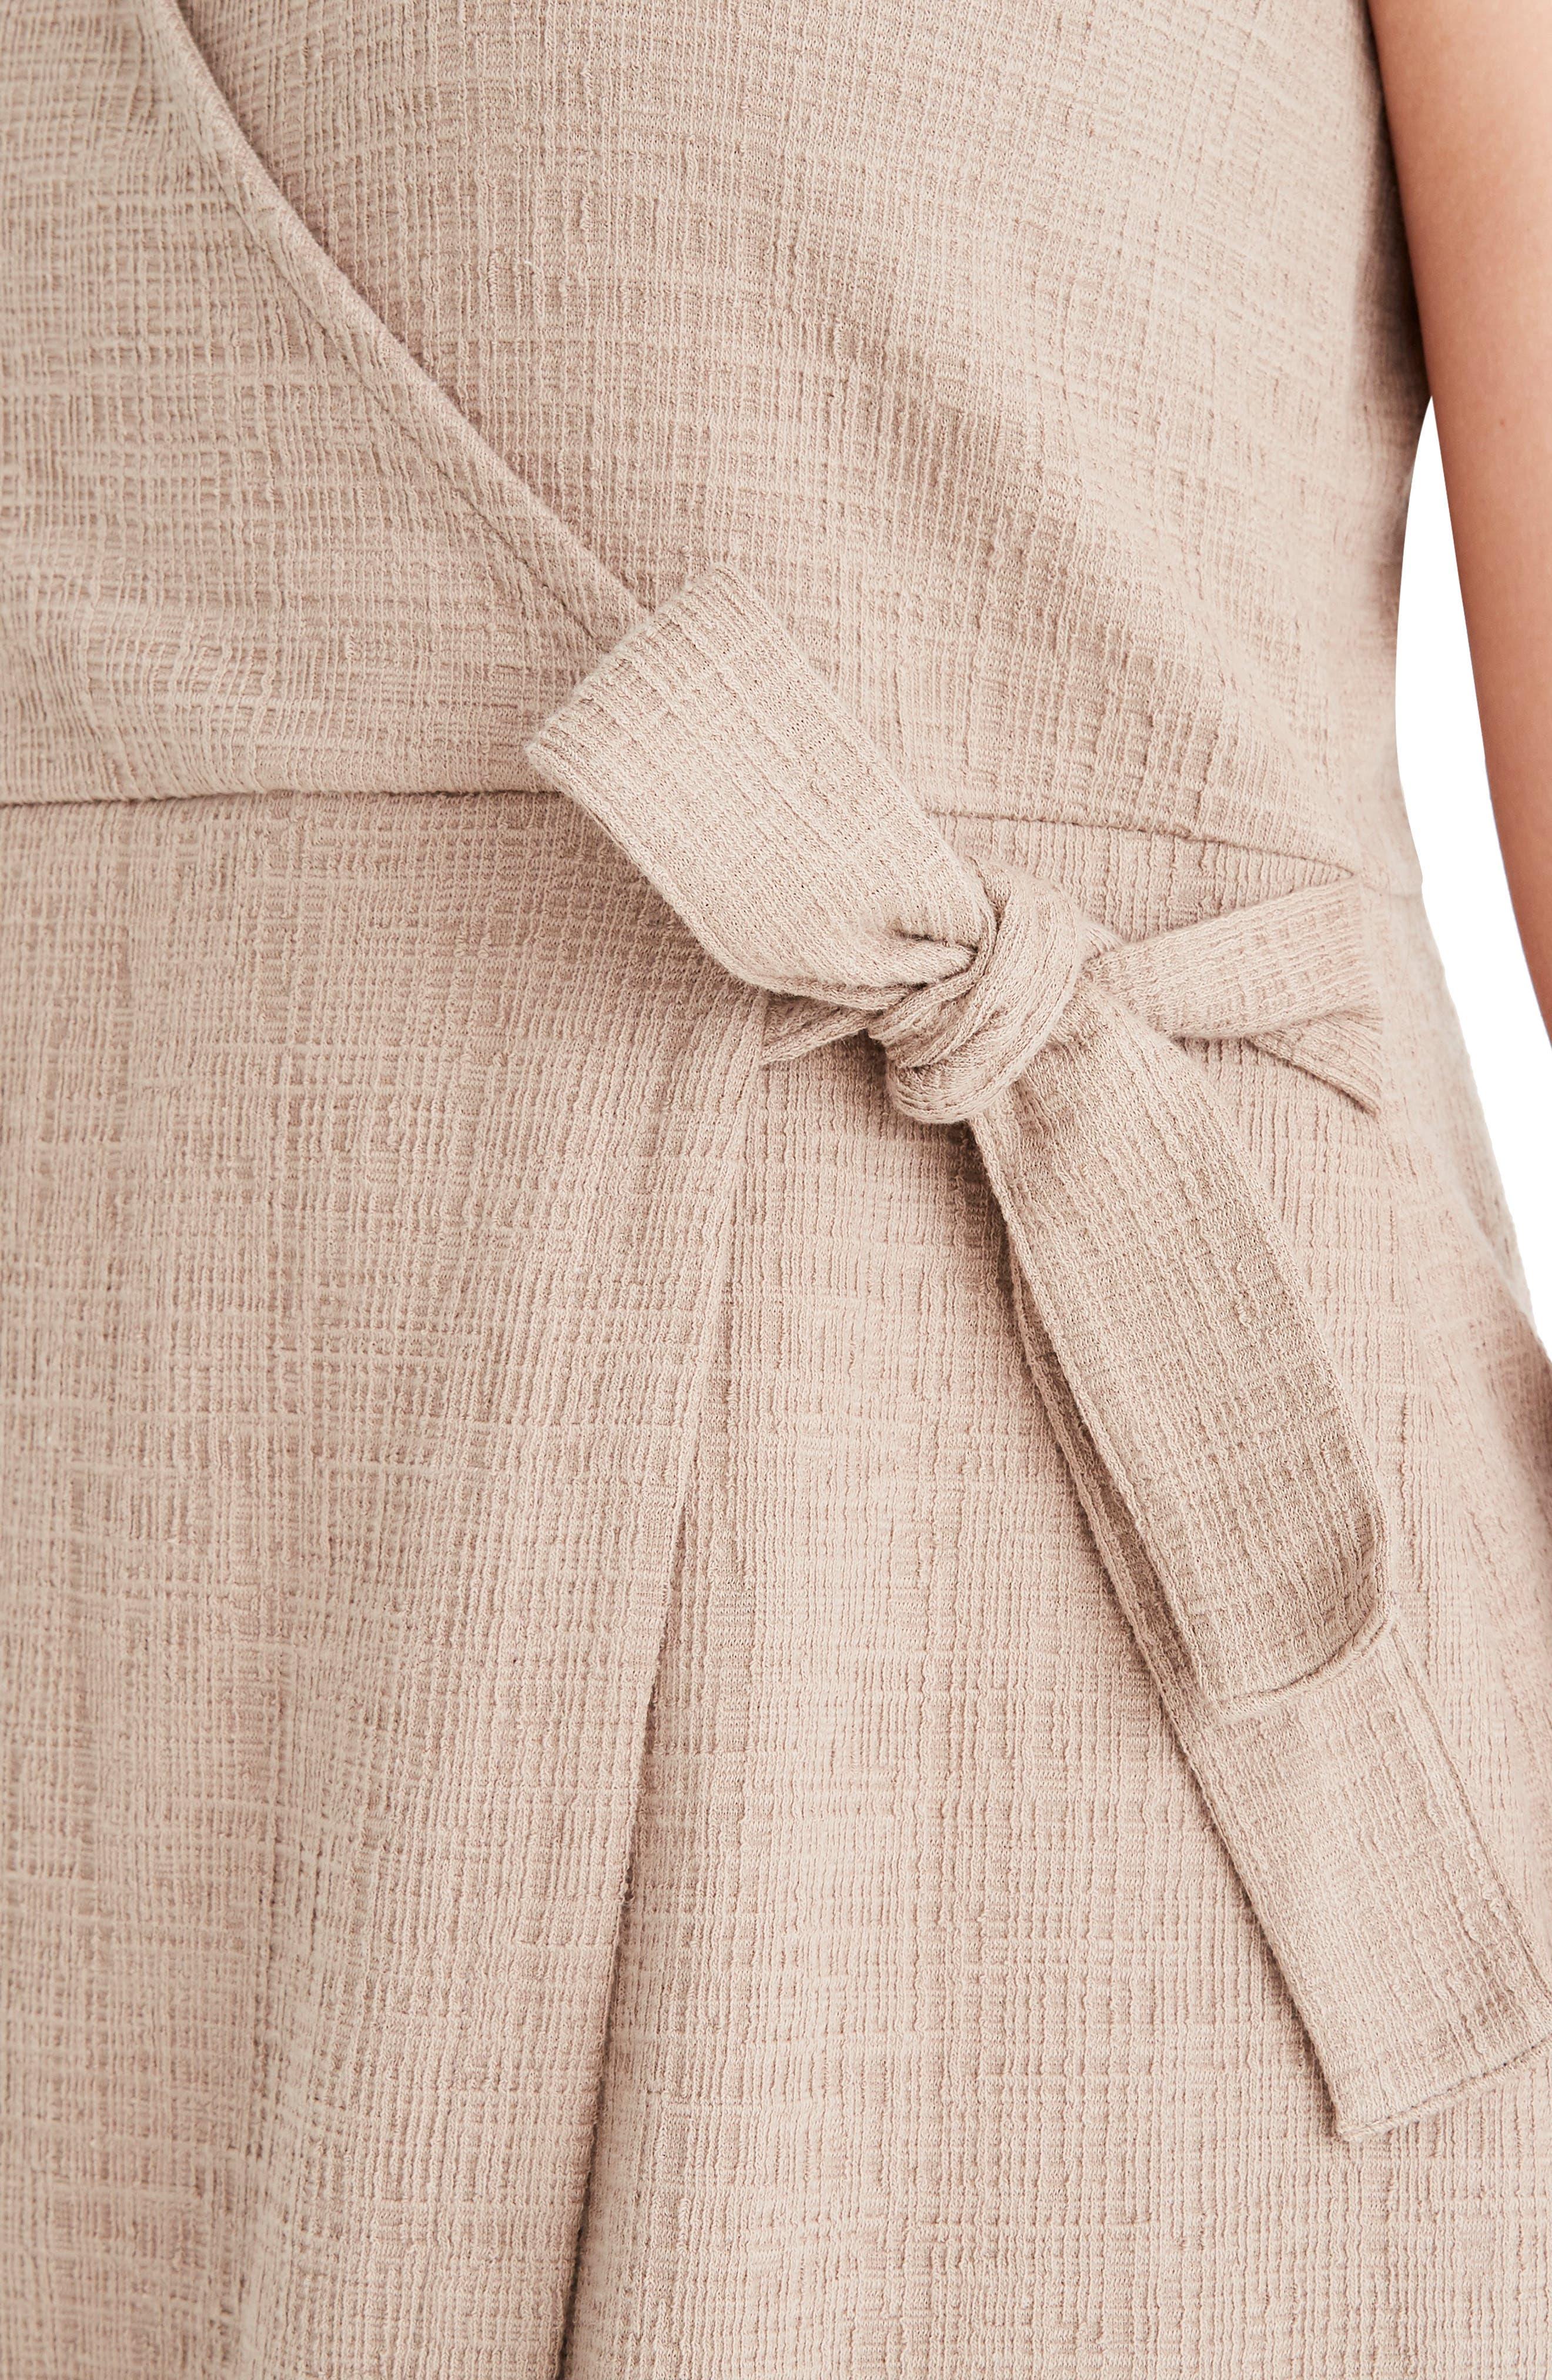 MADEWELL, Texture & Thread Side Tie Minidress, Alternate thumbnail 10, color, TELLURIDE STONE